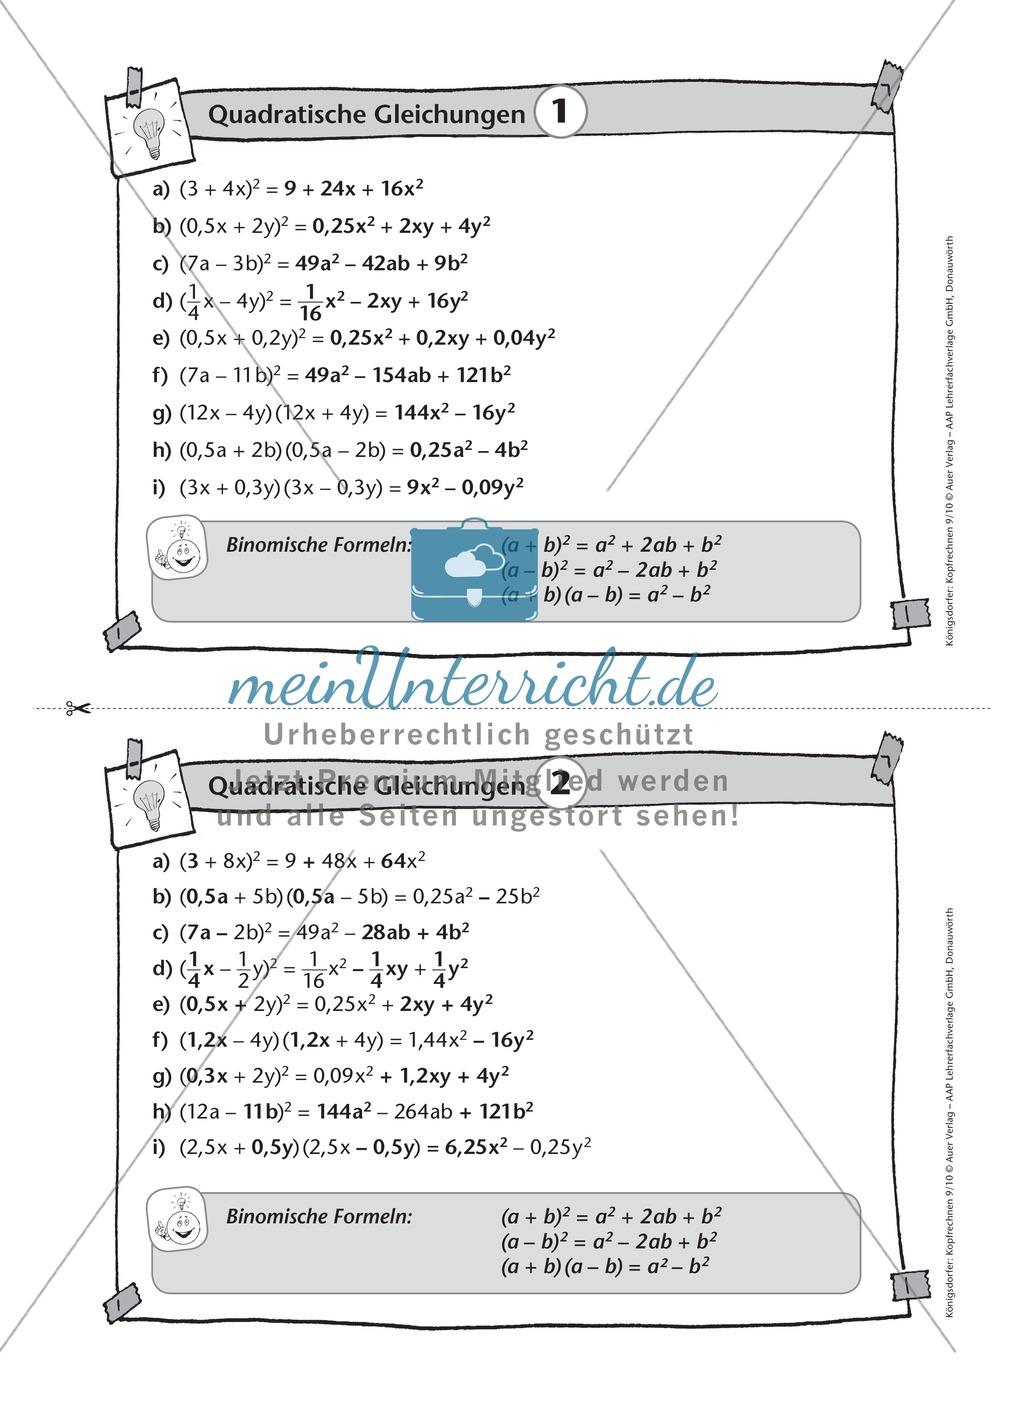 Karteikarten mit Aufgaben aus dem Themenbereich quadratische ...